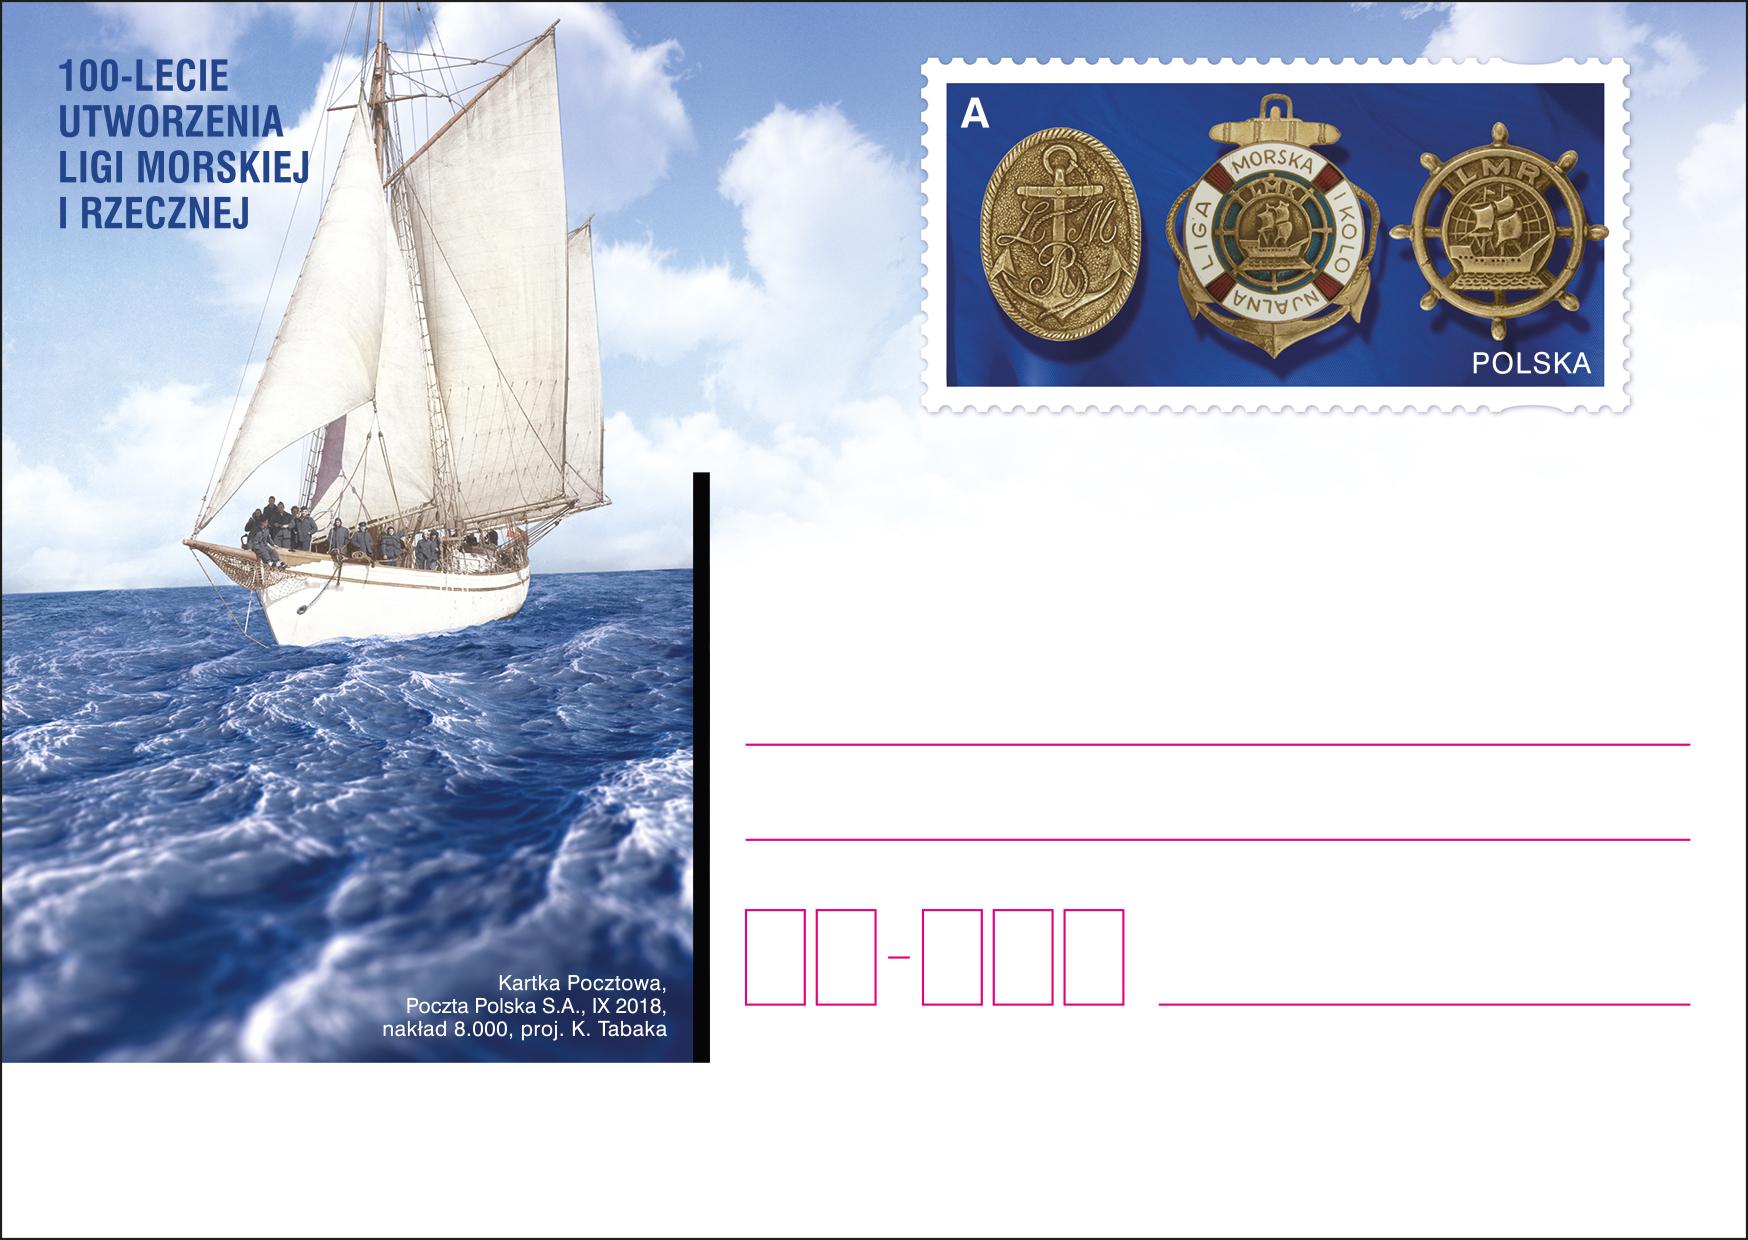 波兰9月29日发行海河联盟100周年邮资片